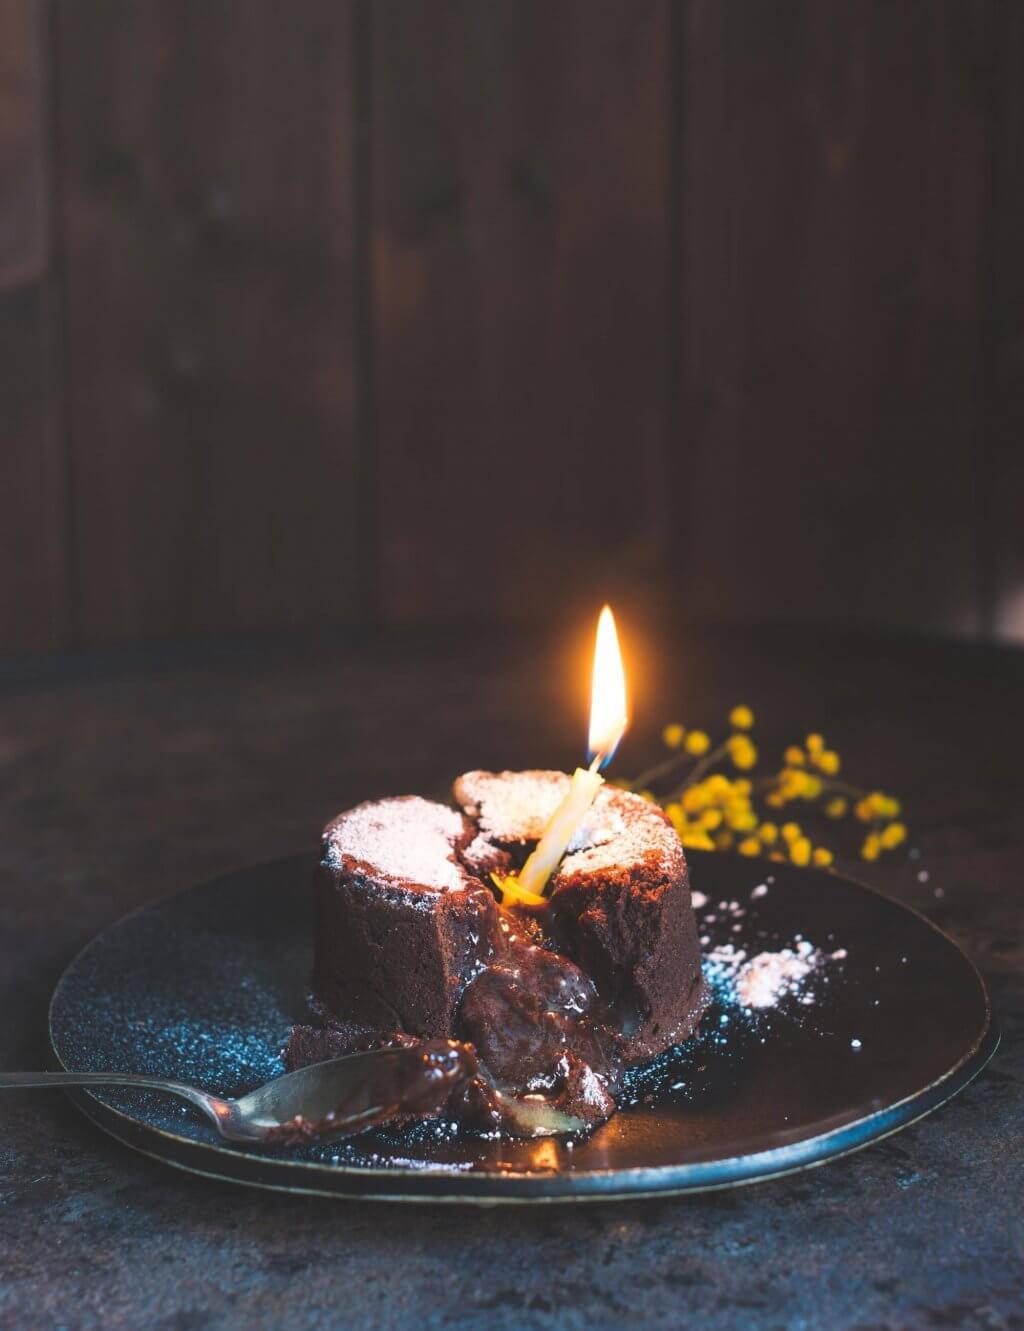 S Küche | Rezept Molten Lava Cake Gastbeitrag Von S Kuche Gernekochen De